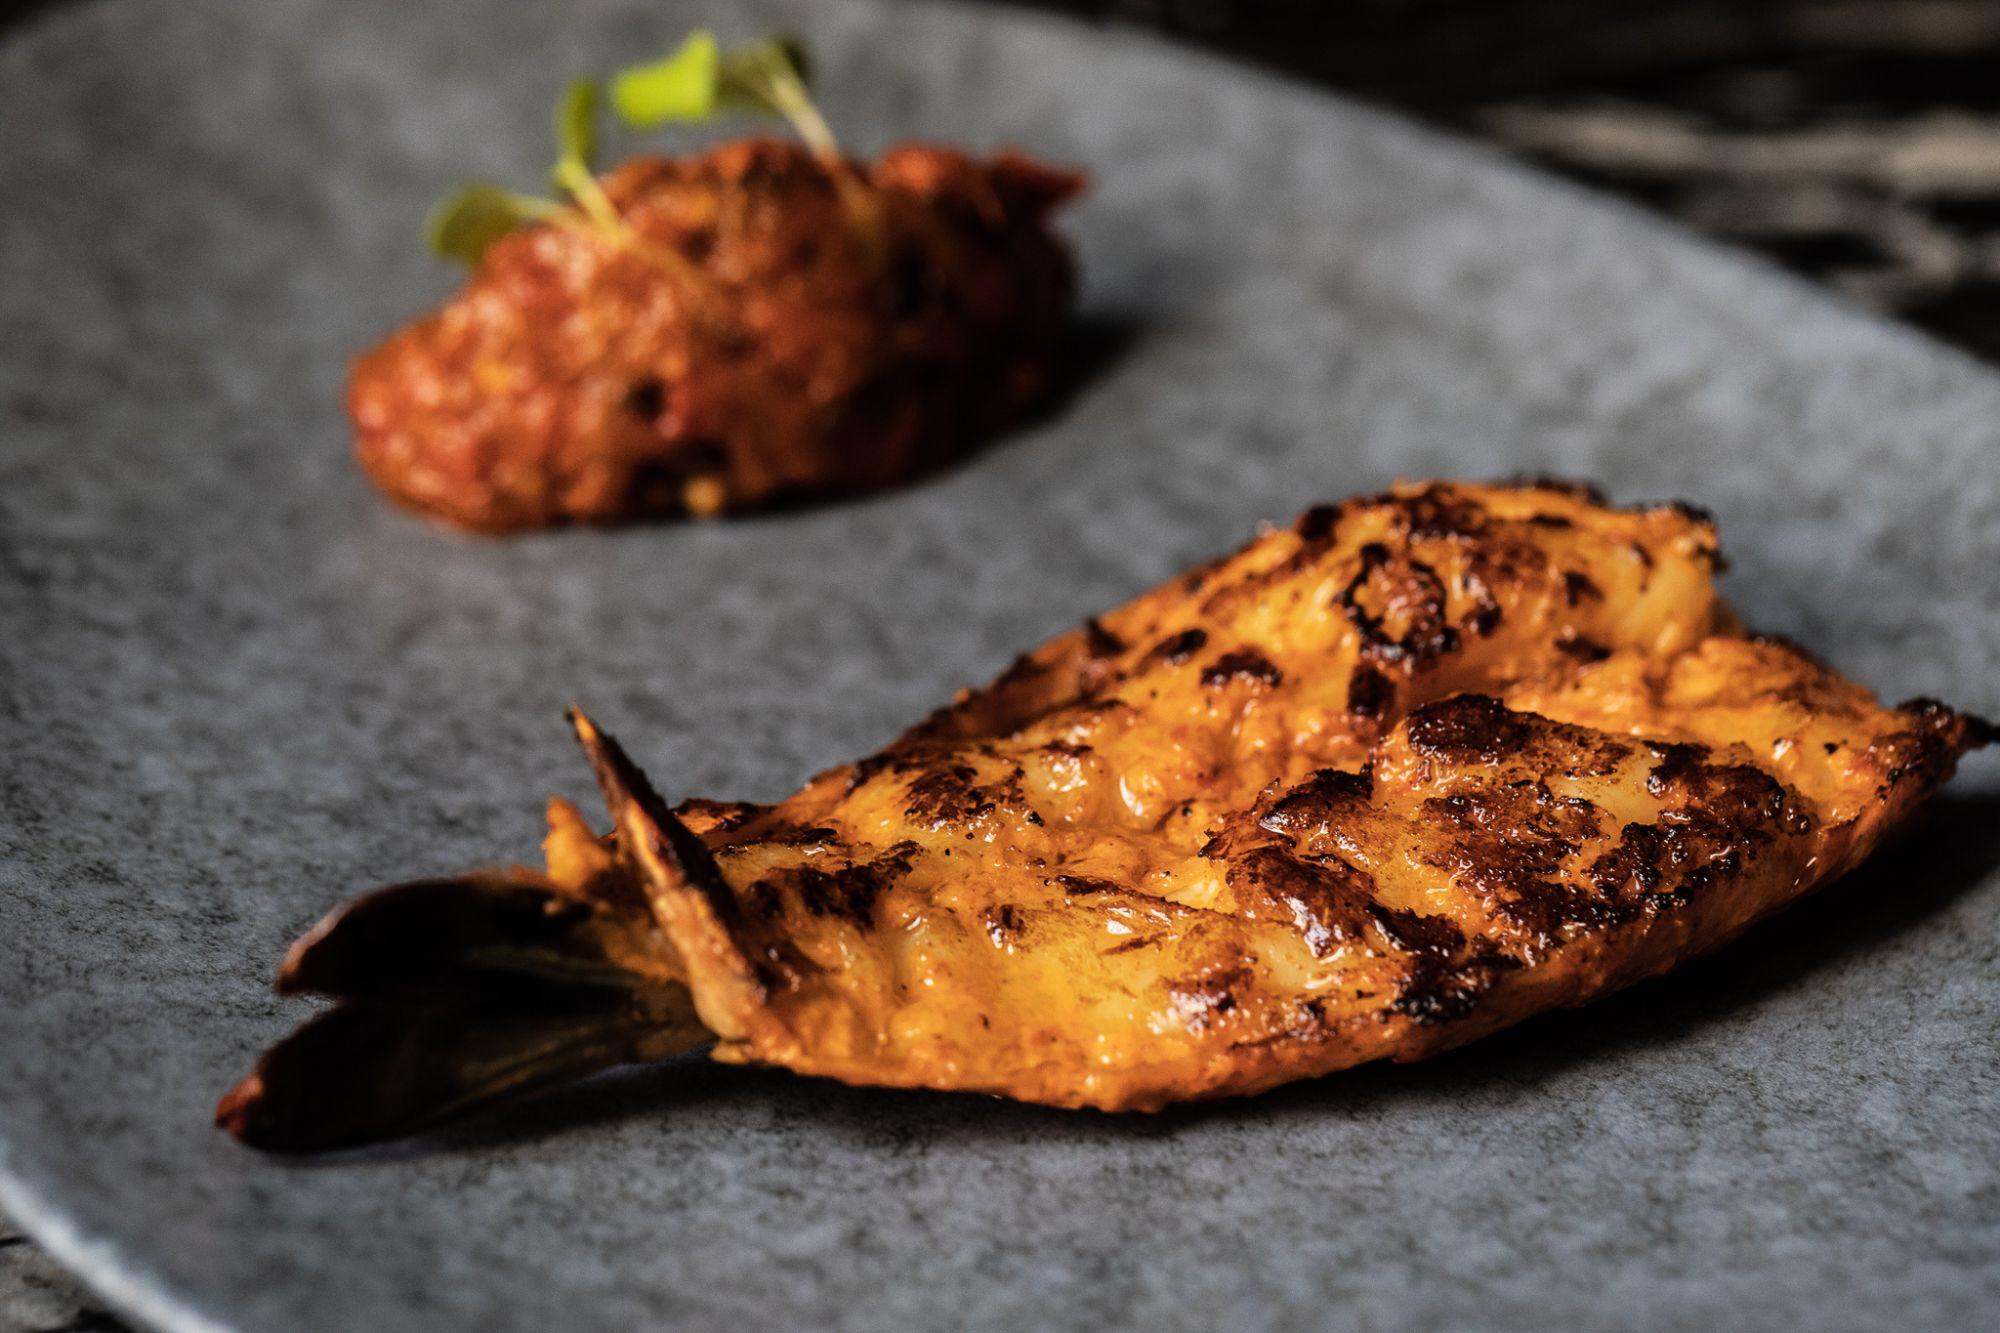 Punjab Grill Presents A New Tasting Menu And Kebab Nights